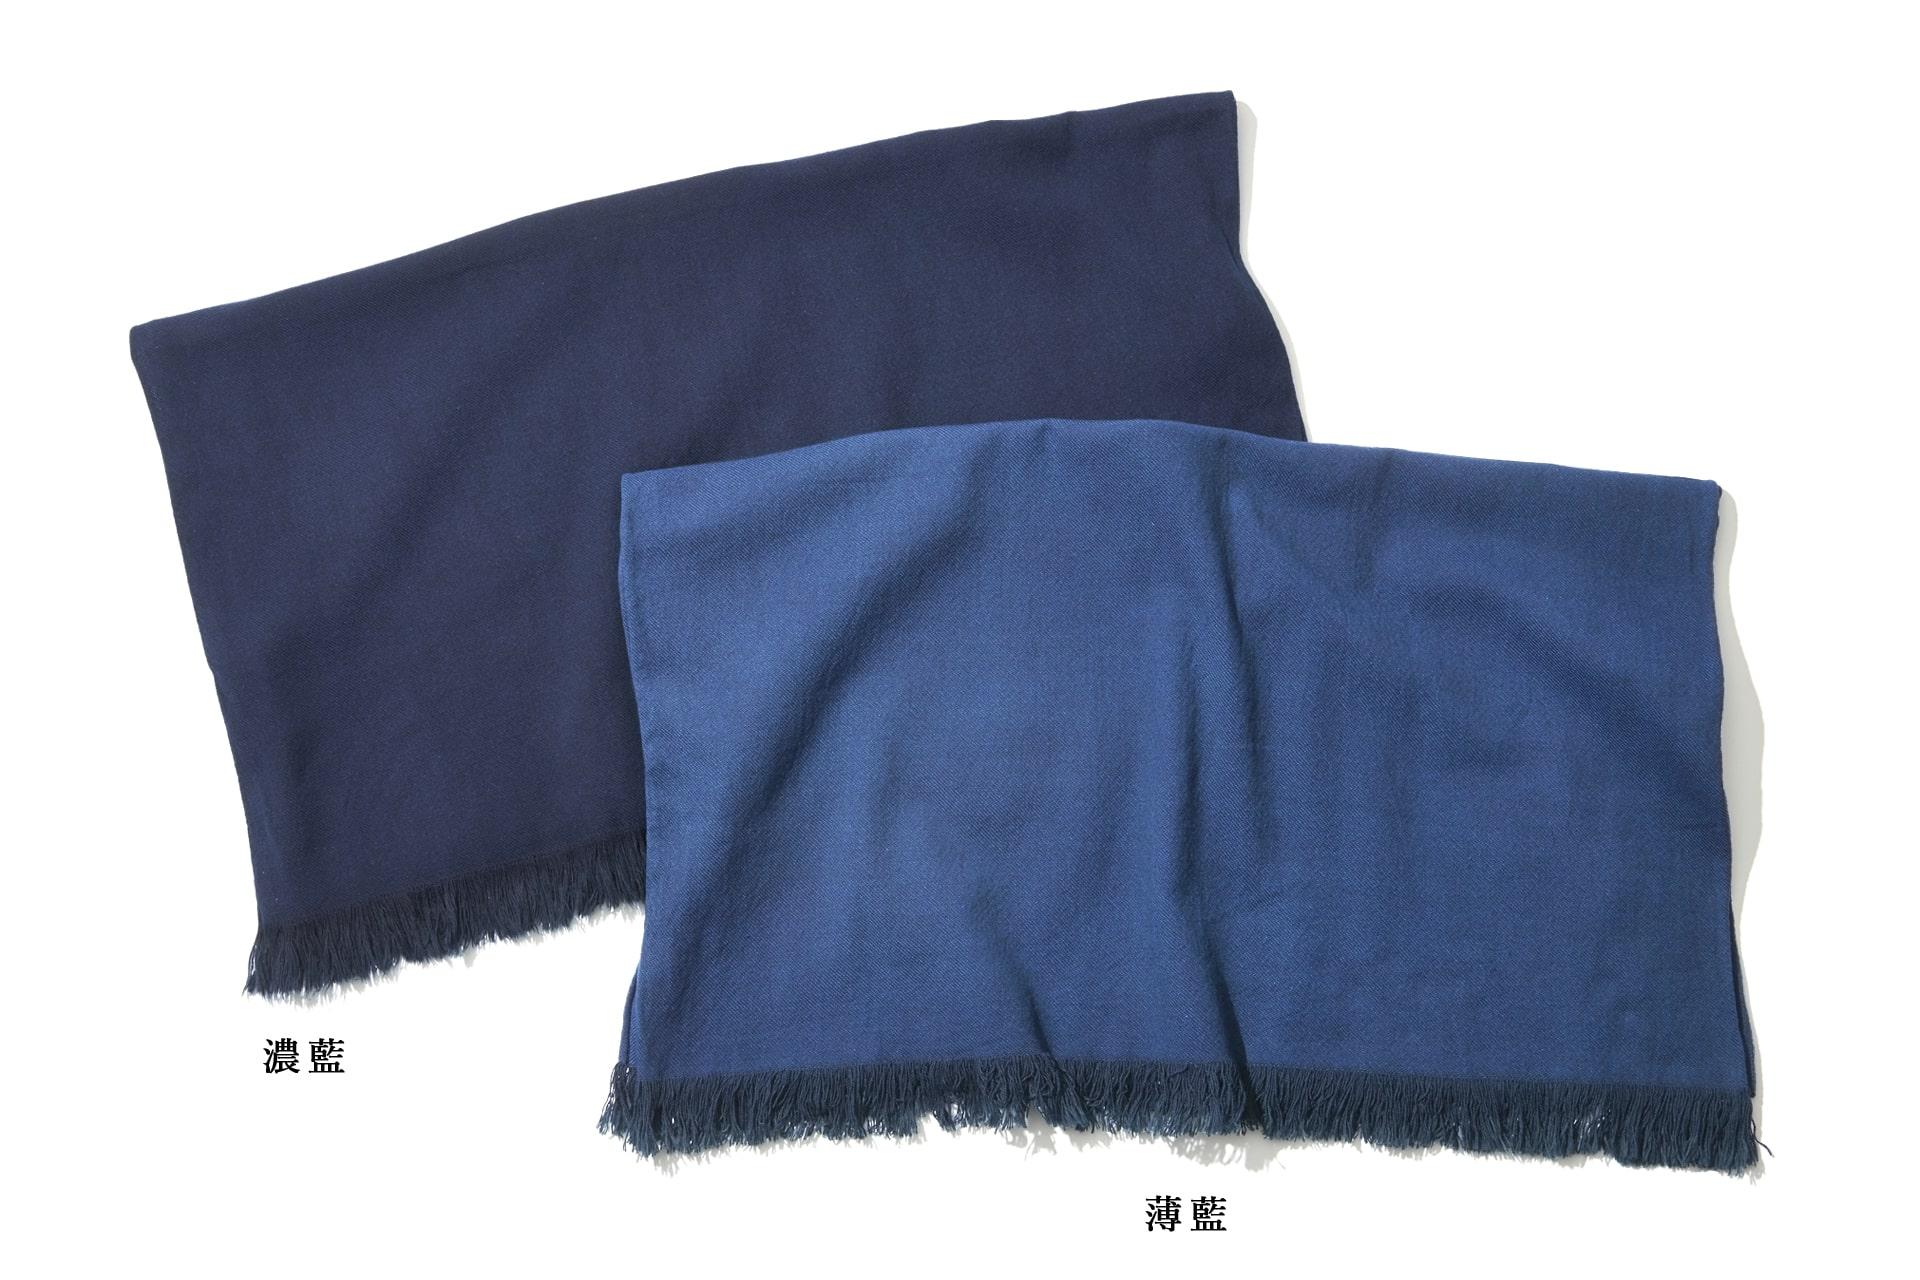 播州織マフラー(90cm幅)